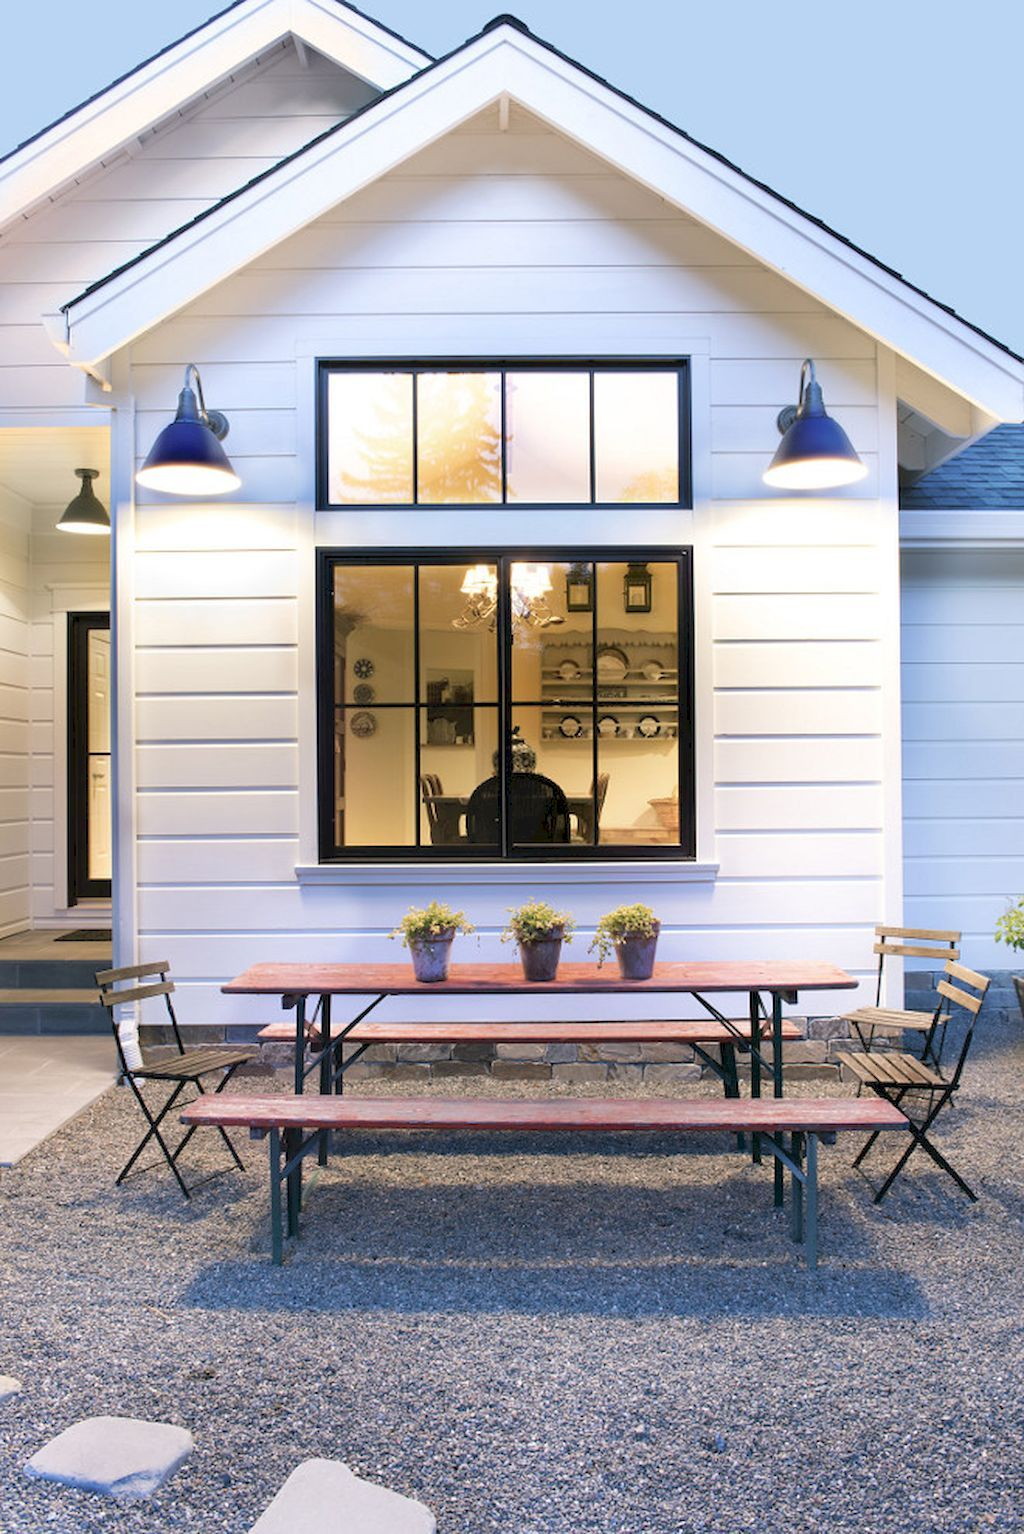 70 Stunning Farmhouse Exterior Design Ideas White Farmhouse Exterior Modern Farmhouse Exterior Modern Farmhouse Plans